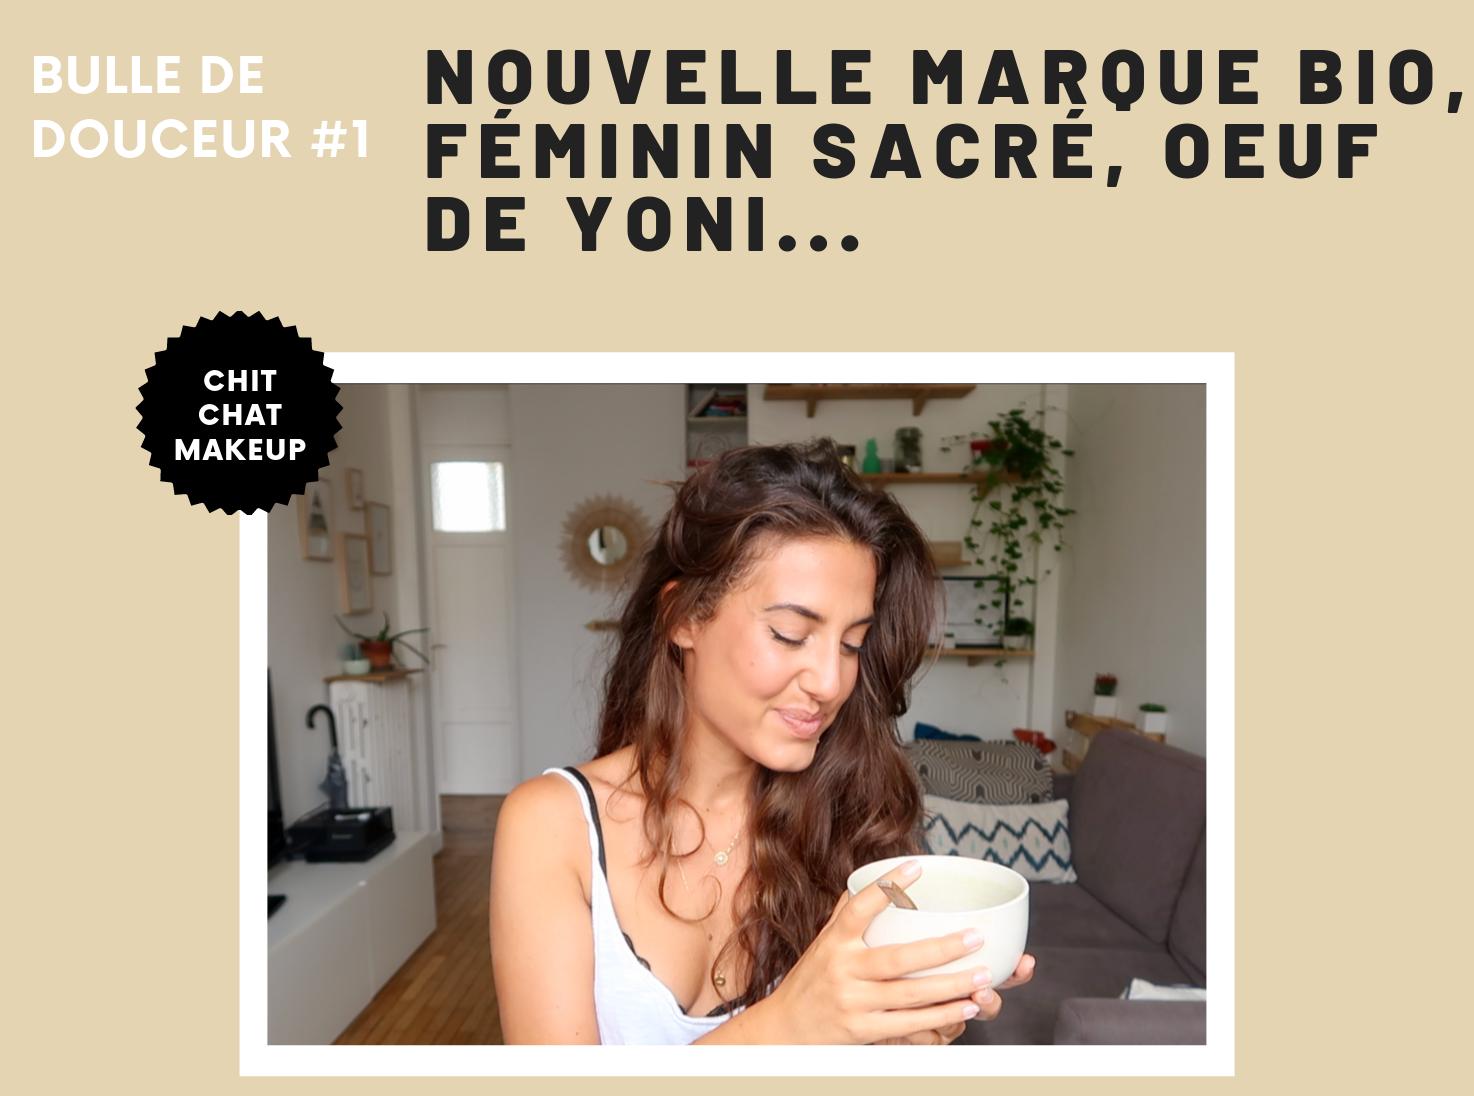 MAQUILLAGE NATUREL & BIO⎪Oeuf de Yoni, litothérapie, règles, contraception et féminin sacré ✨